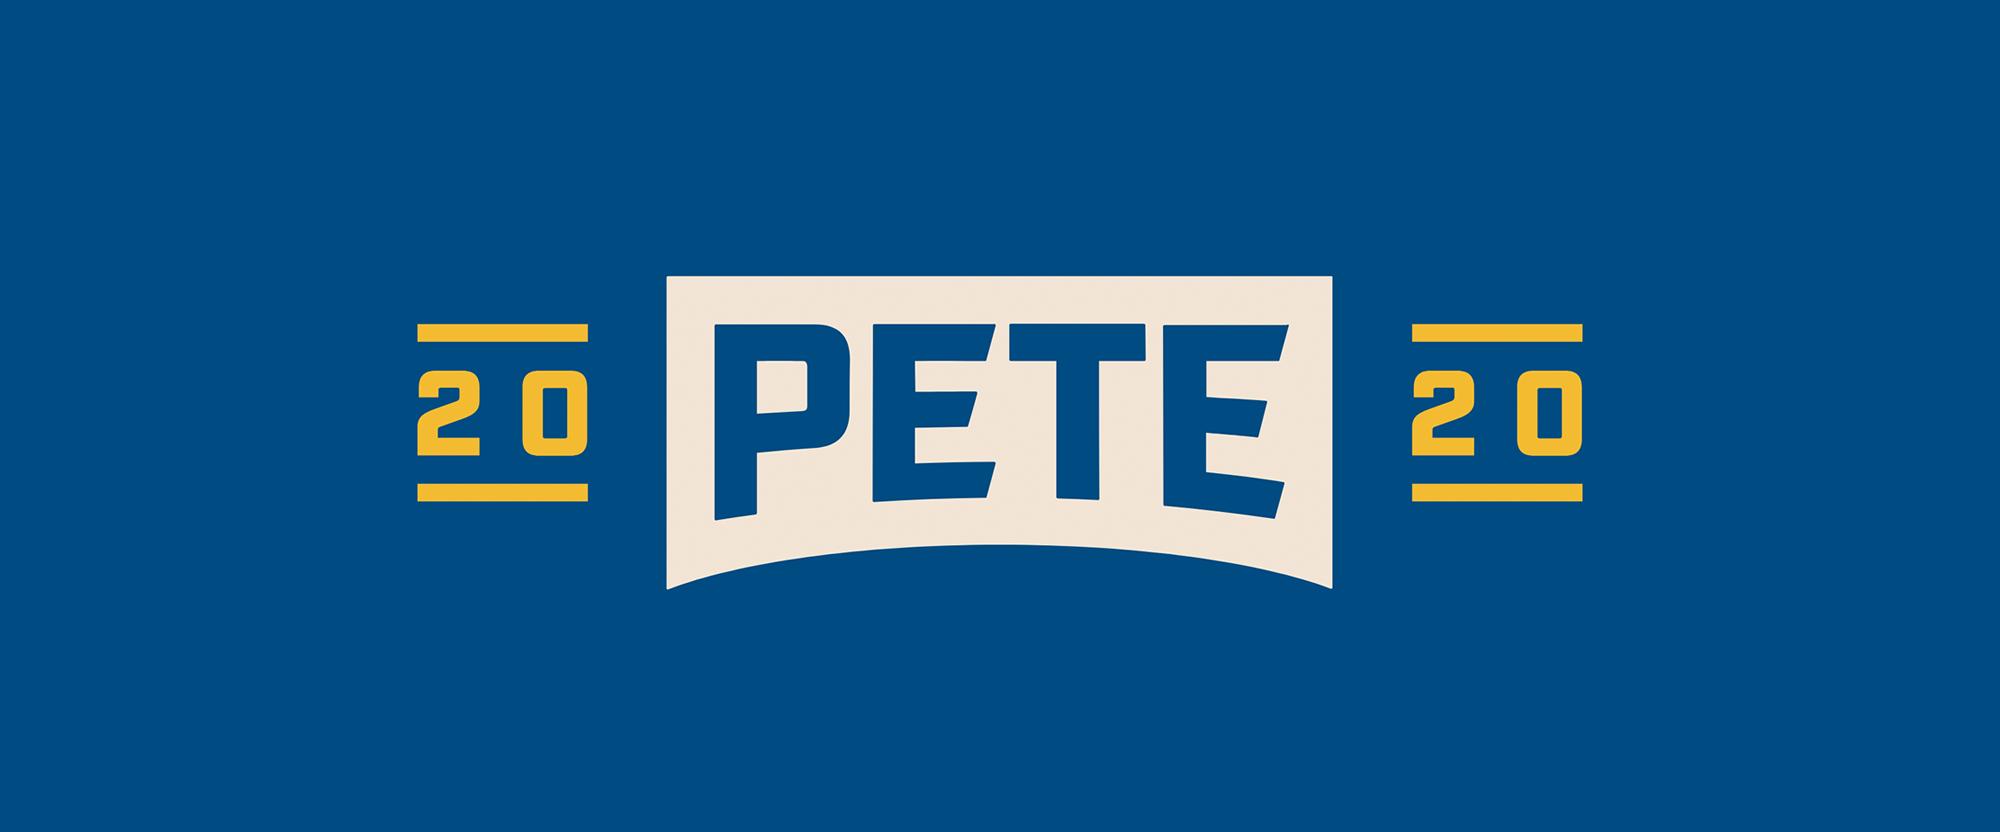 Brand New New Logo and Identity for Pete Buttigieg by Hyperakt 2000x832